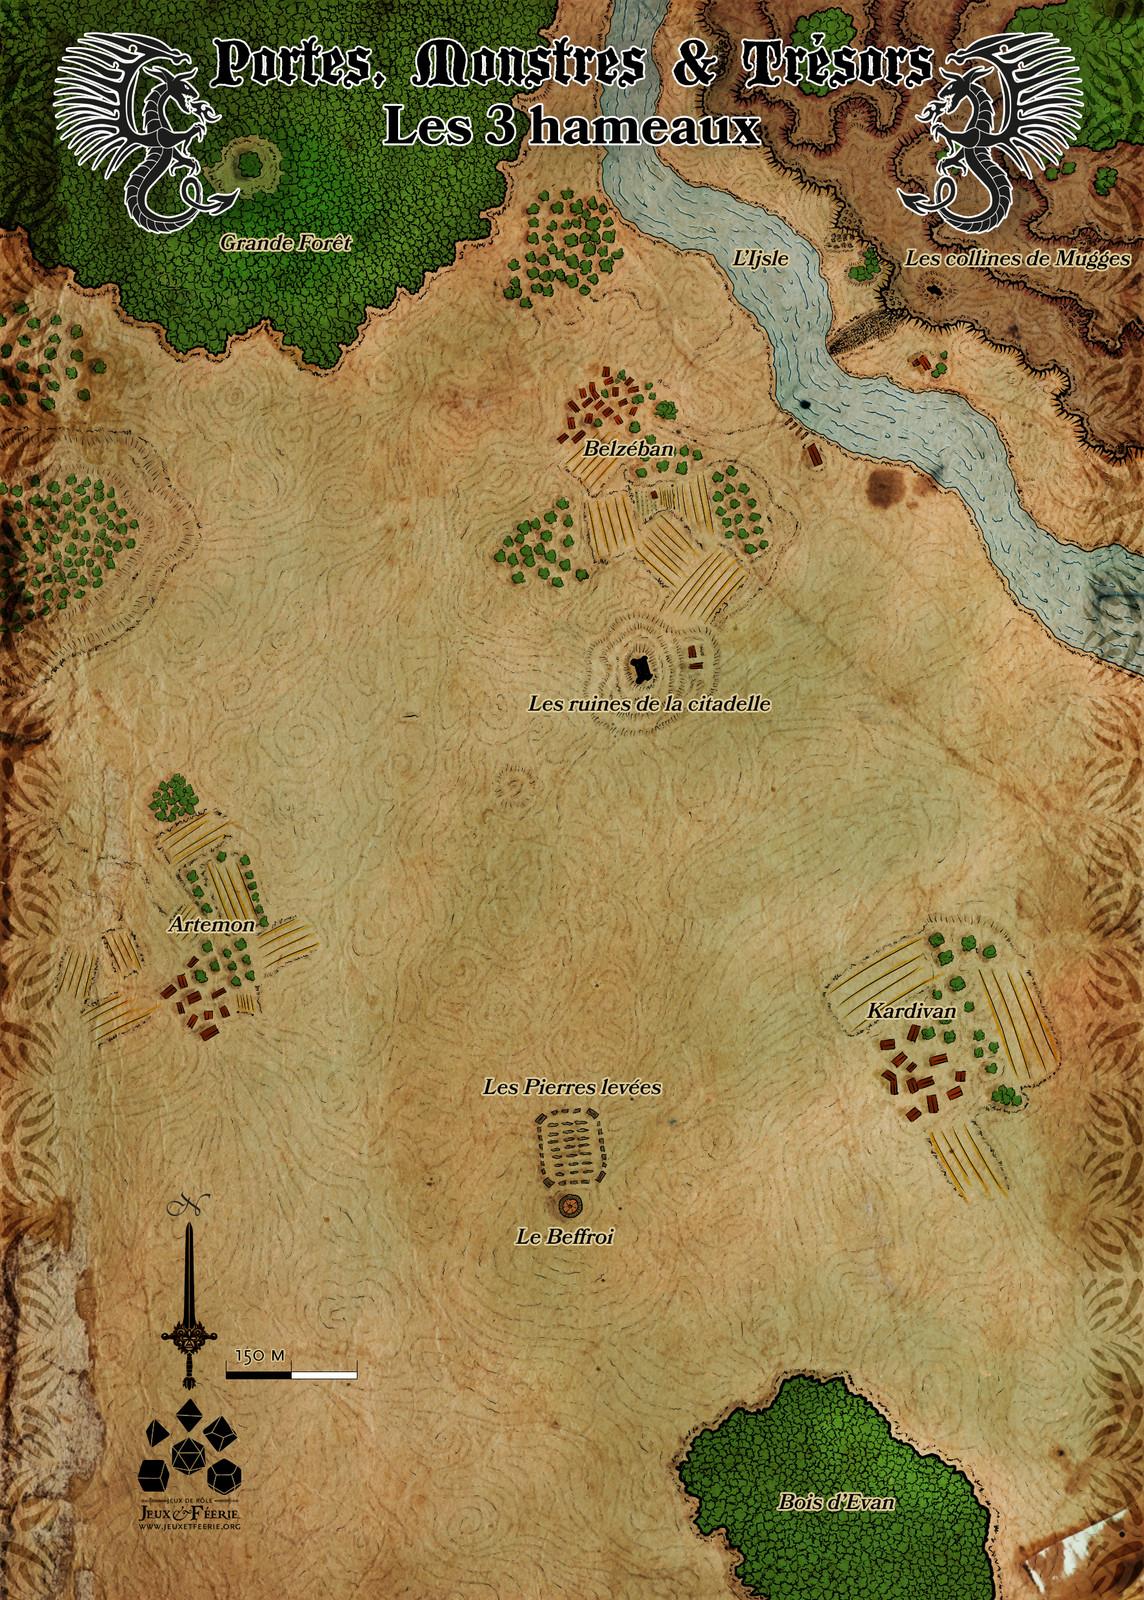 Les trois hameaux